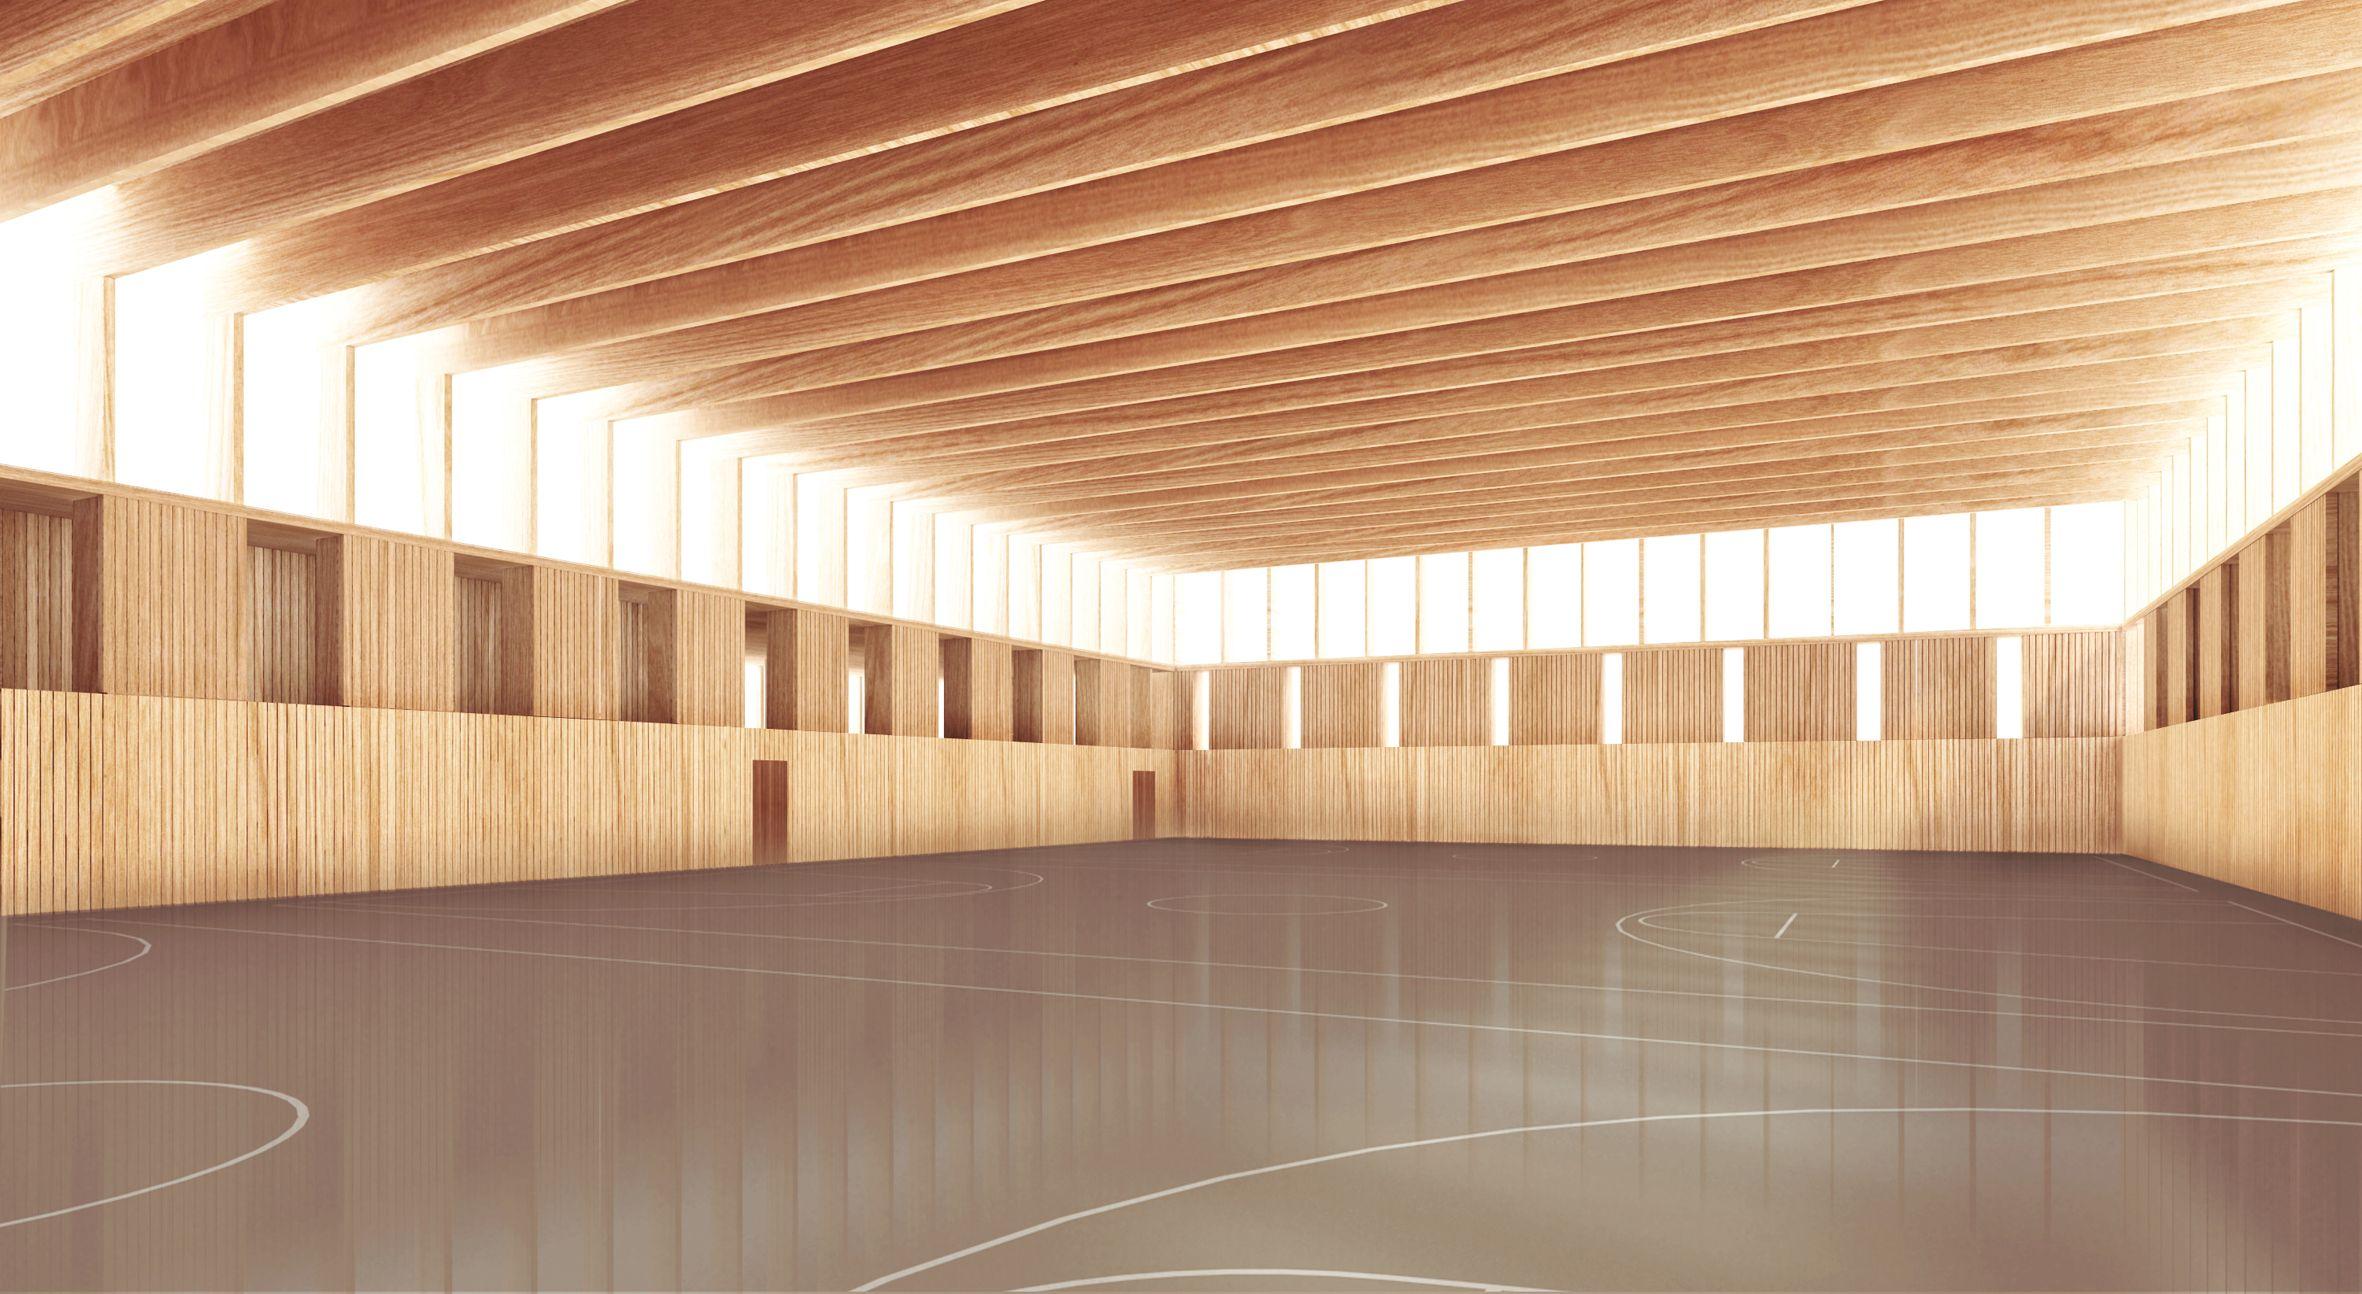 Turnhalle ruprecht architekten sport pinterest for Innenarchitektur studium graz